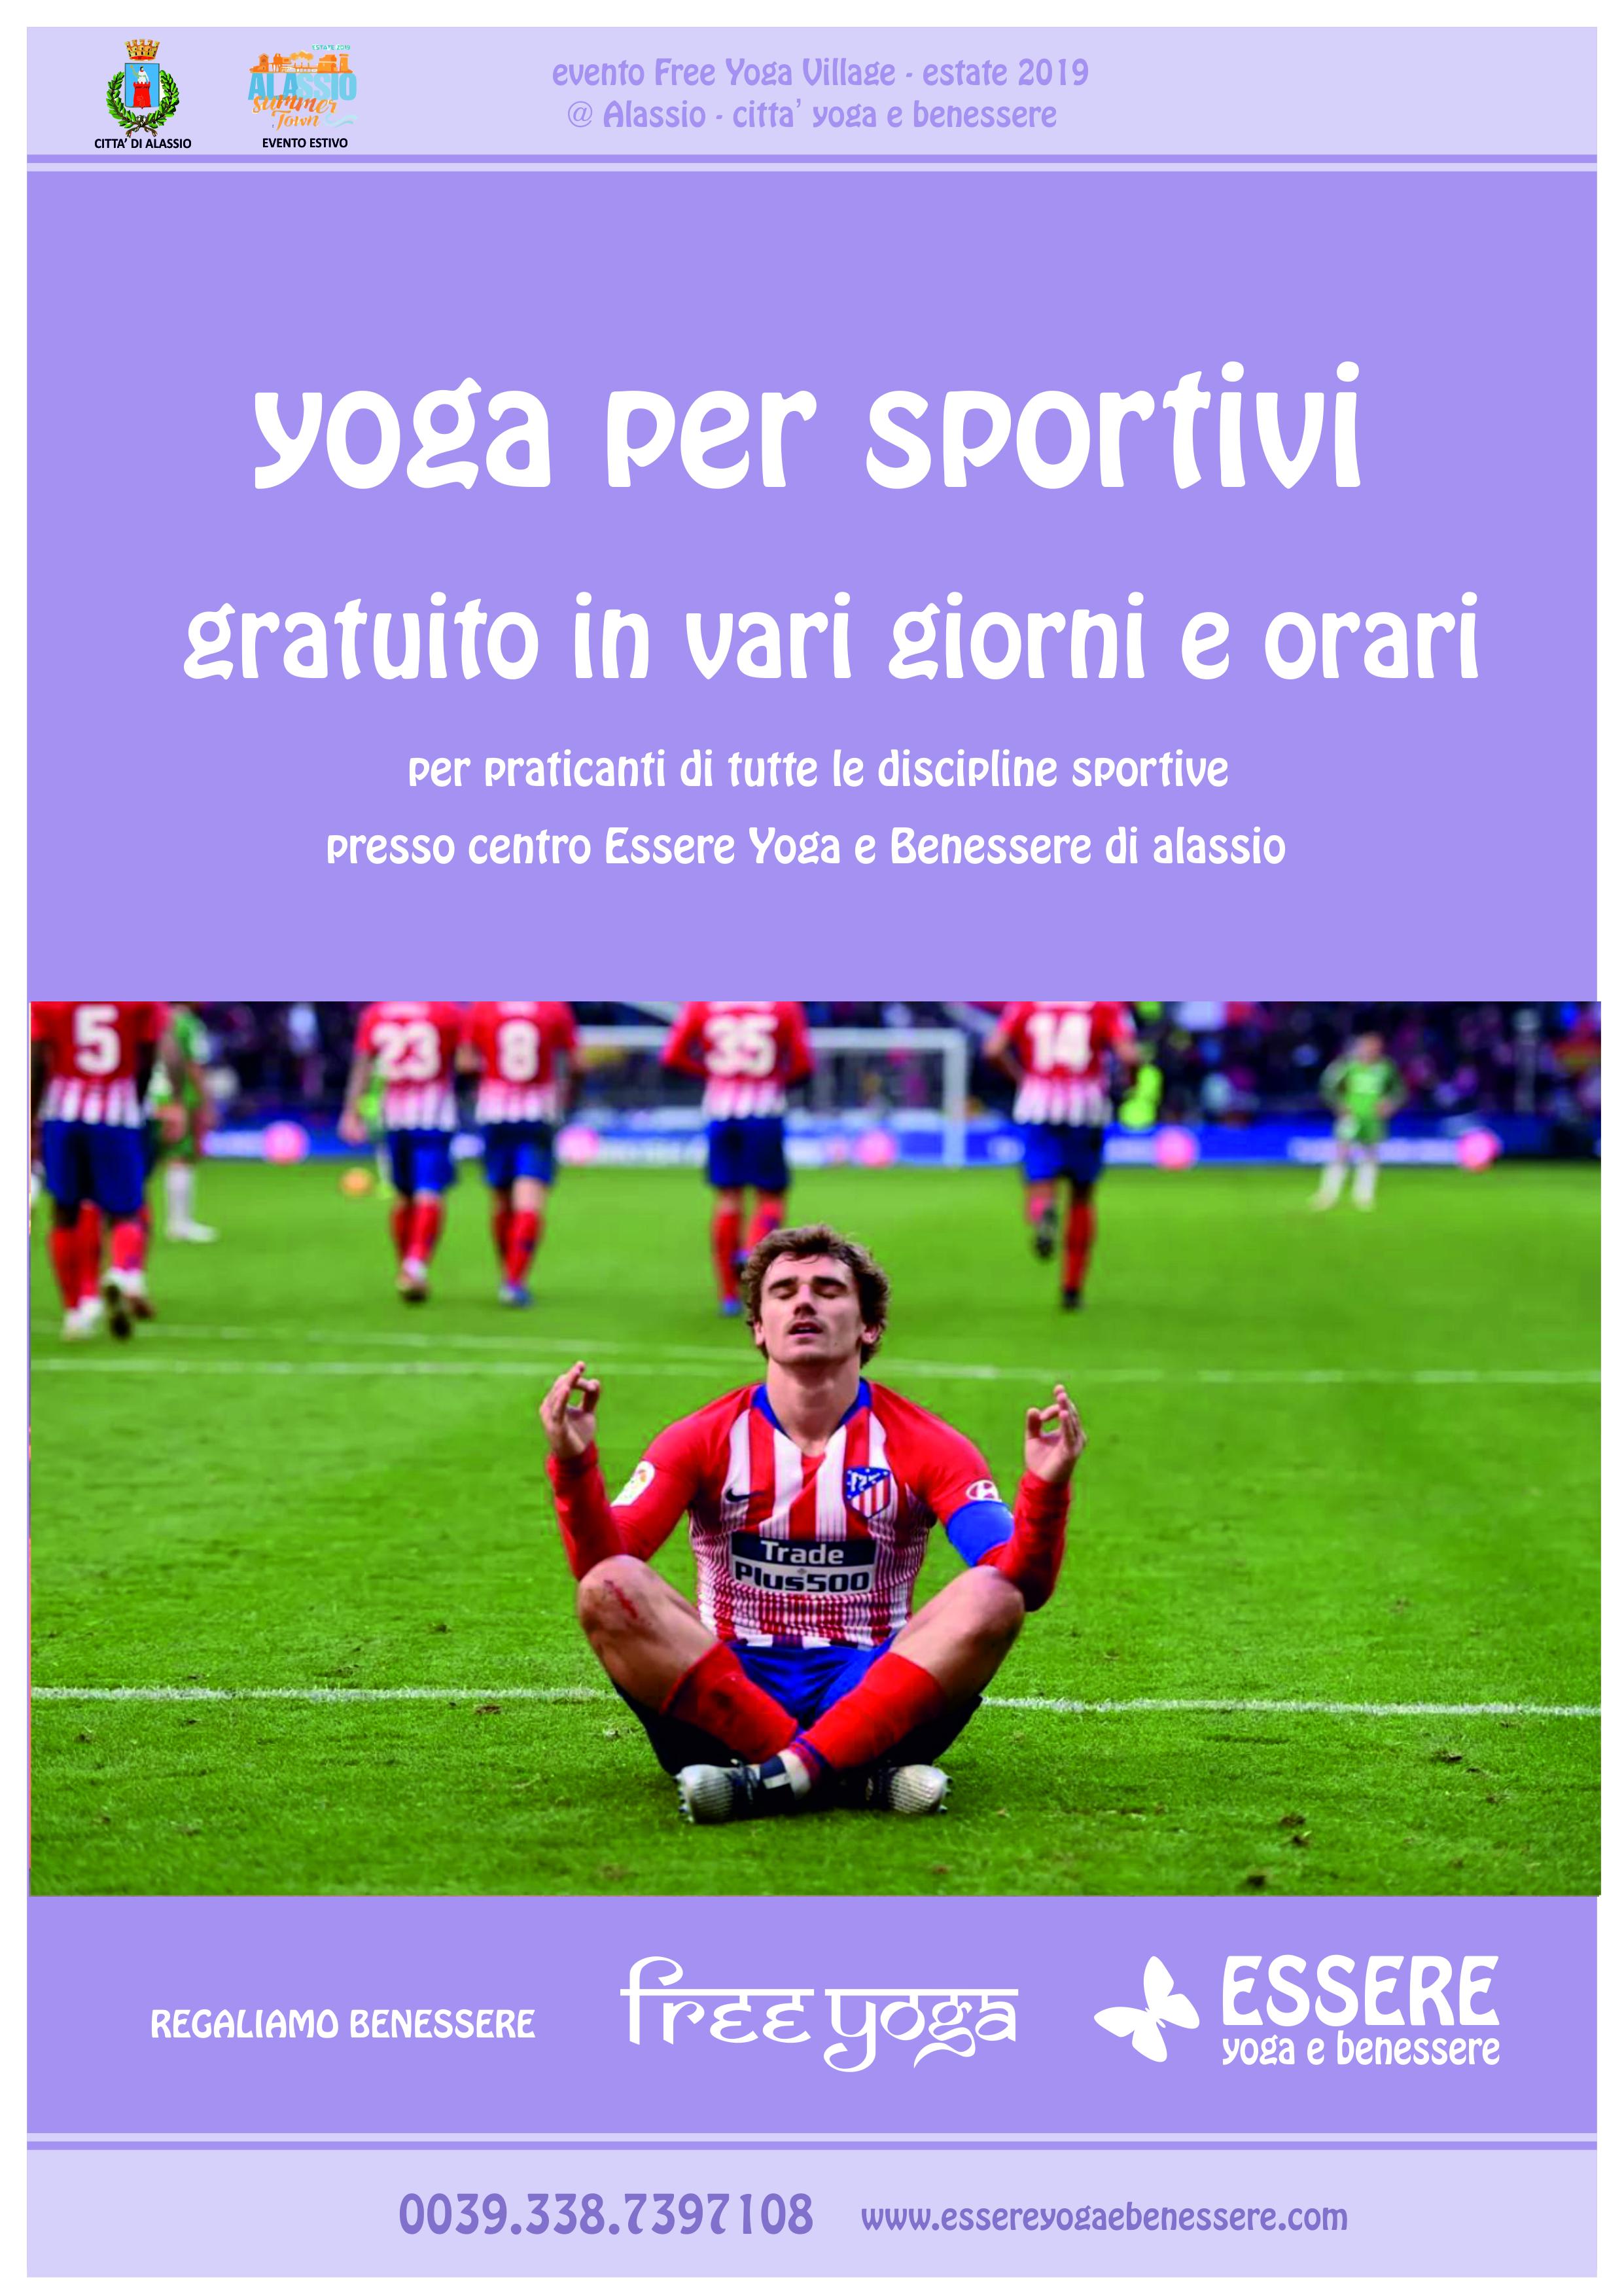 sport-essere-free-yoga-gratuito-benessere-per-tutti-village-citta-alassio-estate-lucia-ragazzi-summer-town-wellness